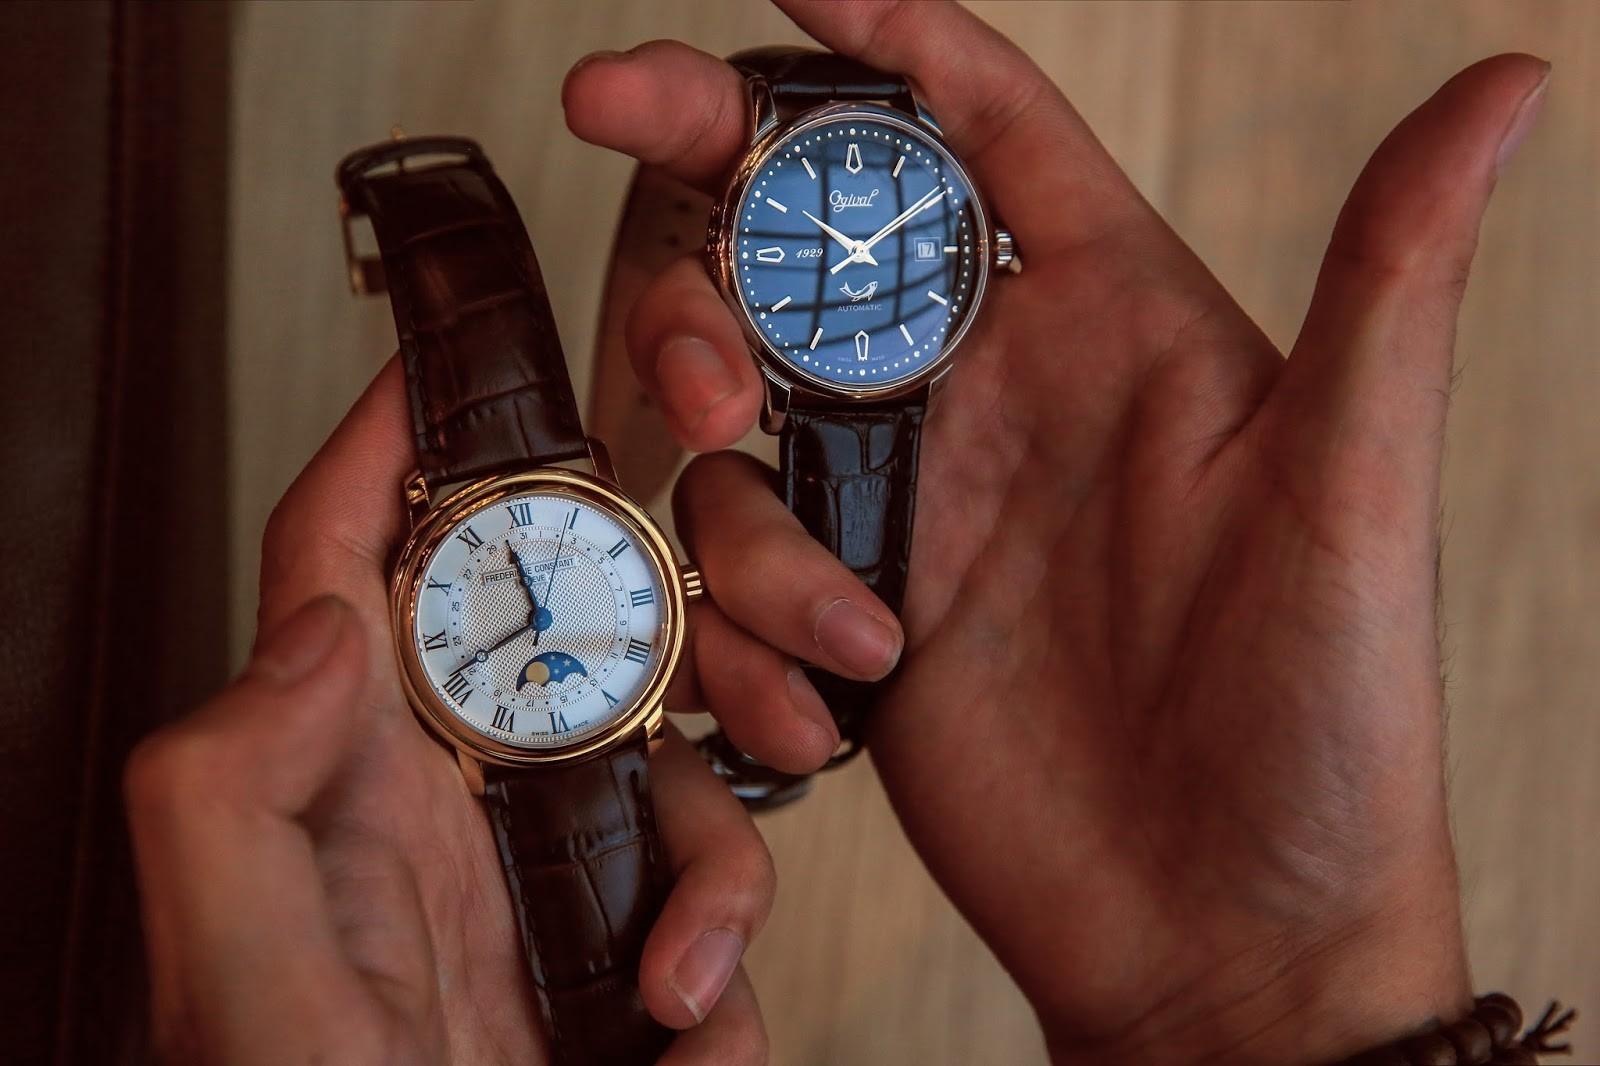 chọn thương hiệu đồng hồ Thụy Sỹ nam